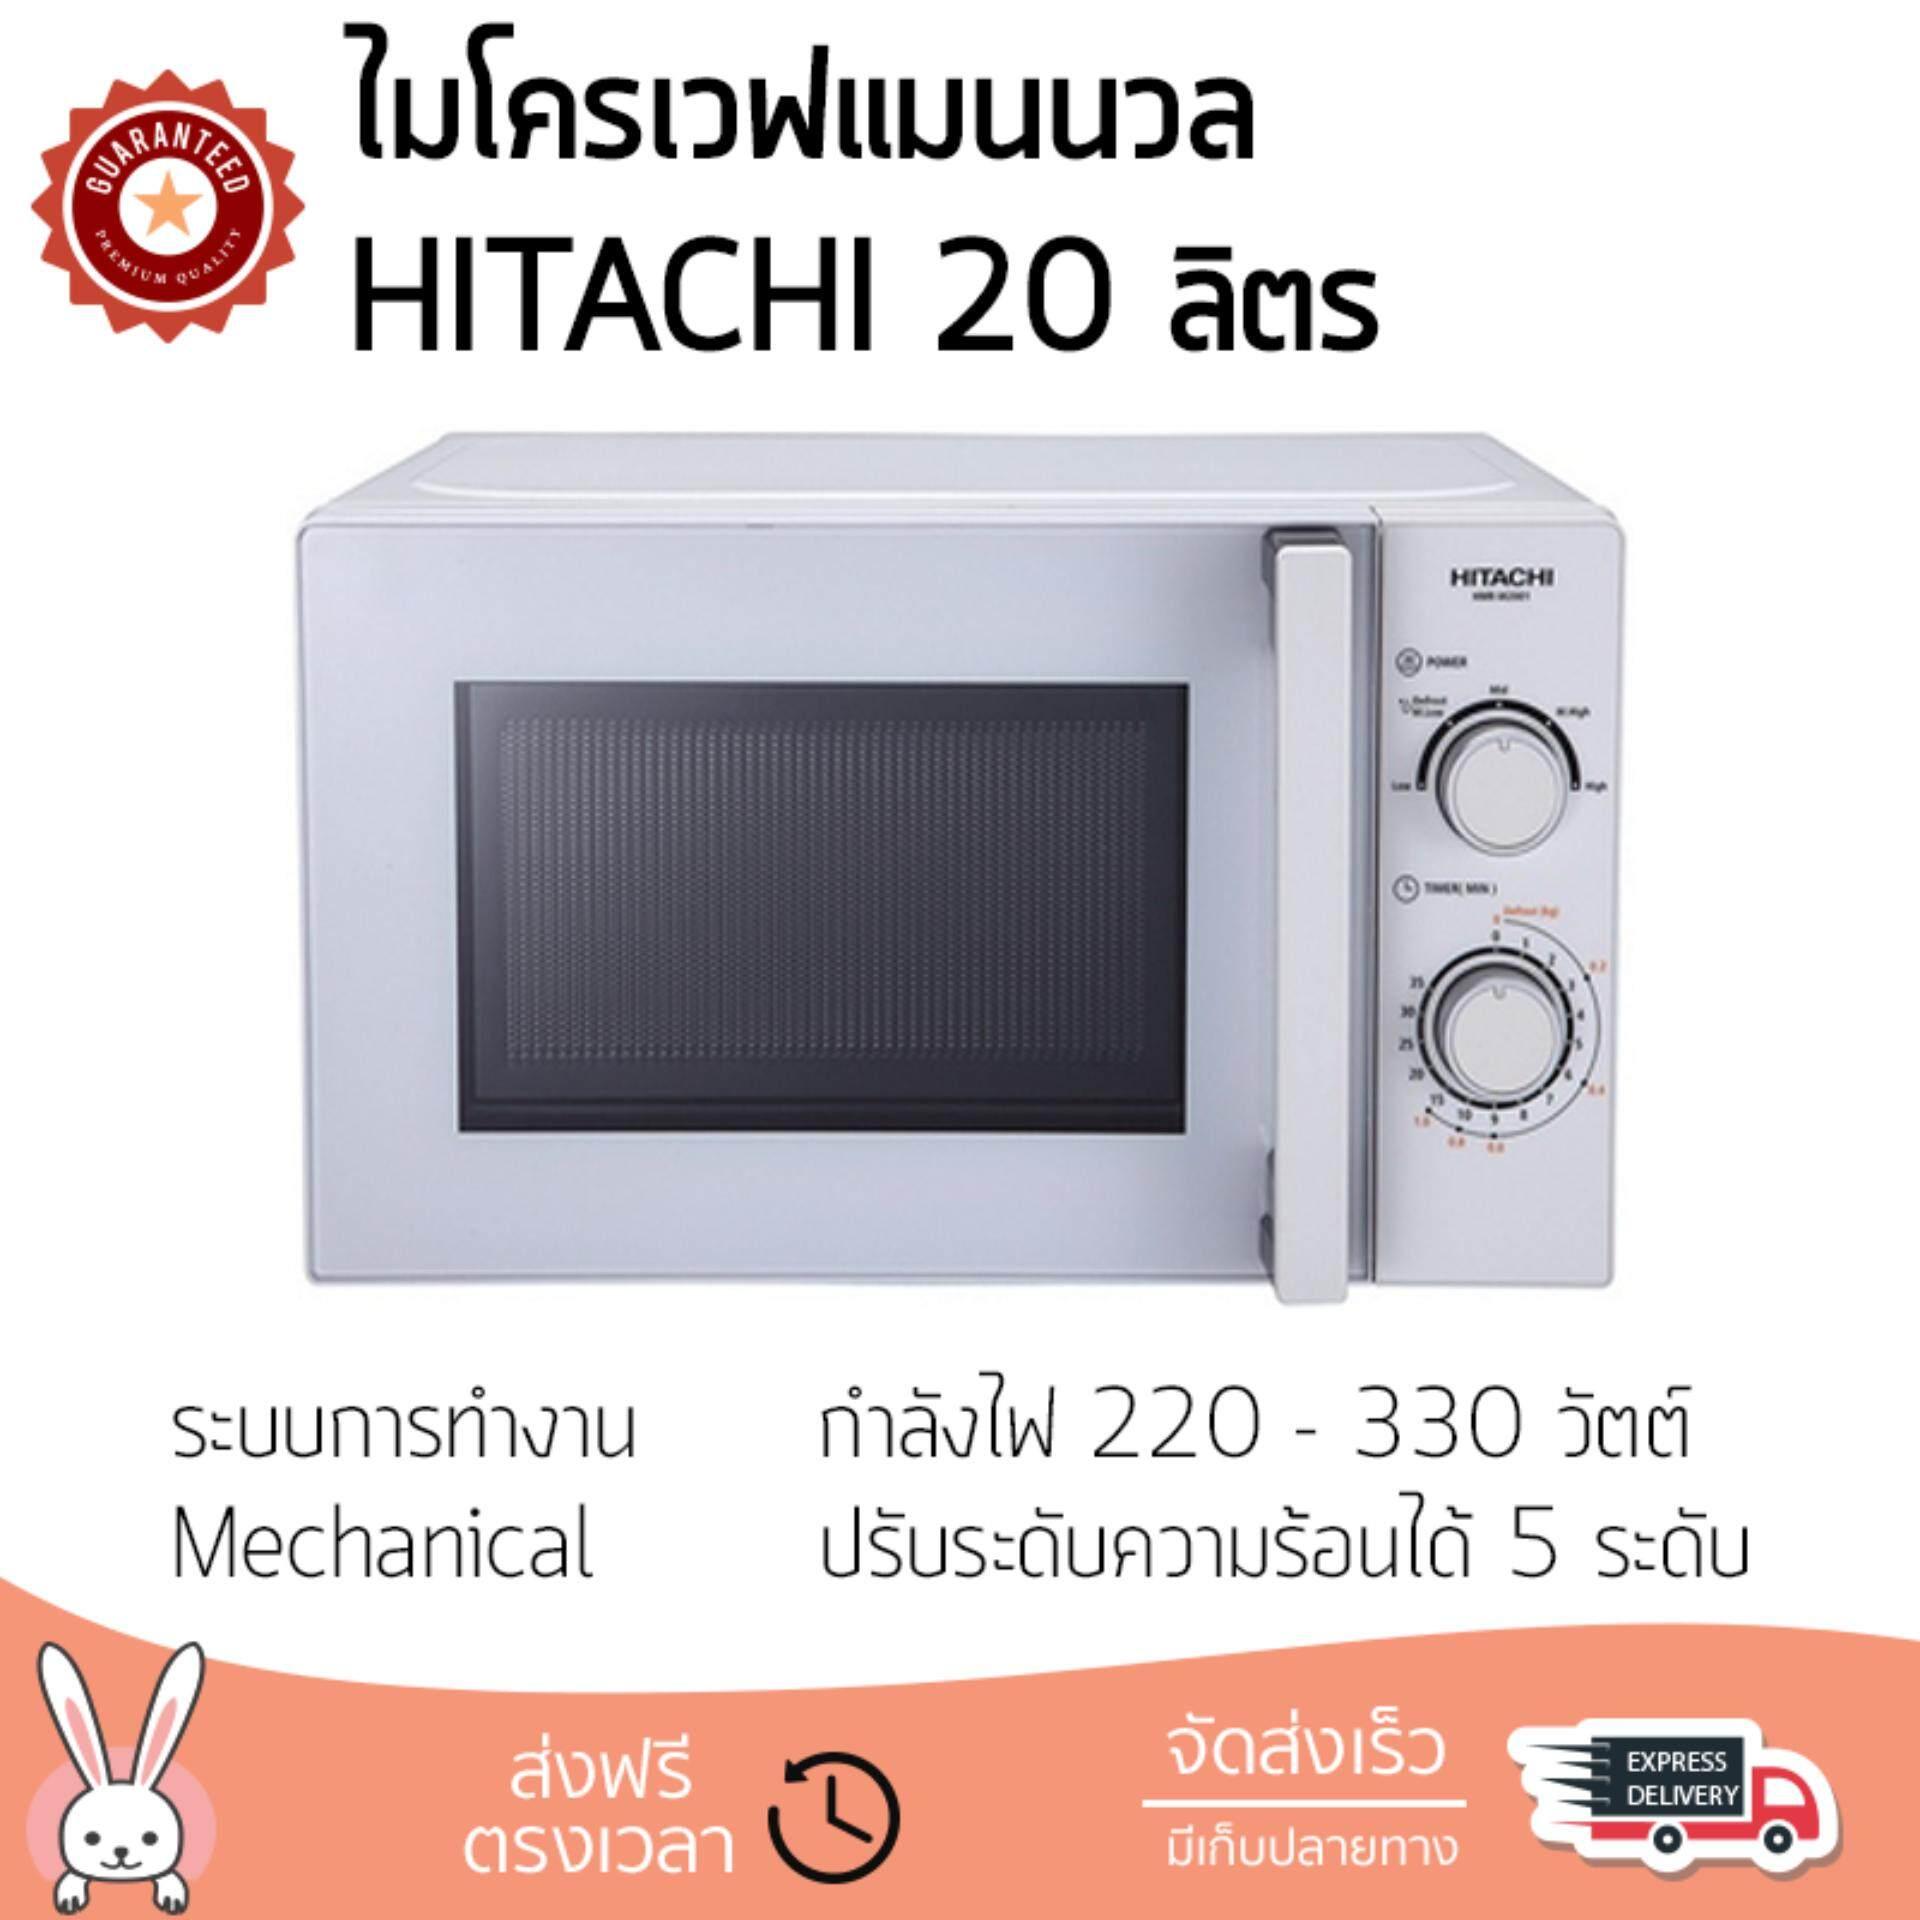 รุ่นใหม่ล่าสุด ไมโครเวฟ เตาอบไมโครเวฟ ไมโครเวฟแมนนวล HITACHI HMR-M2001 20 ลิตร   HITACHI   HMR-M2001 ปรับระดับความร้อนได้หลายระดับ มีฟังก์ชันละลายน้ำแข็ง ใช้งานง่าย Microwave จัดส่งฟรีทั่วประเทศ